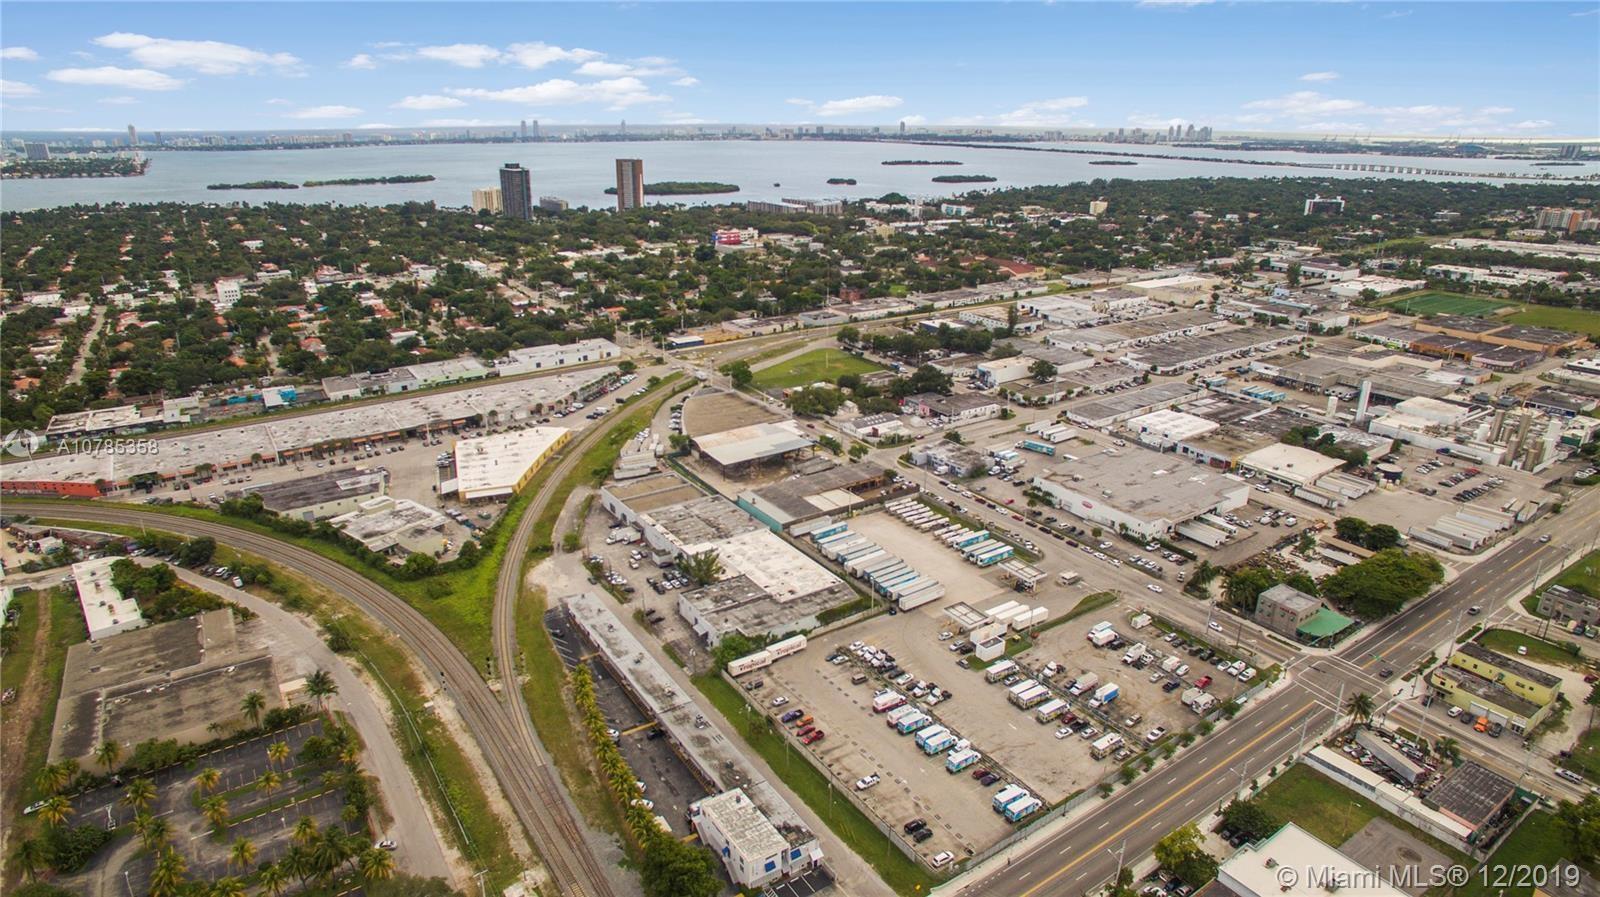 240 & 300 NE 72nd St, Miami, FL 33138